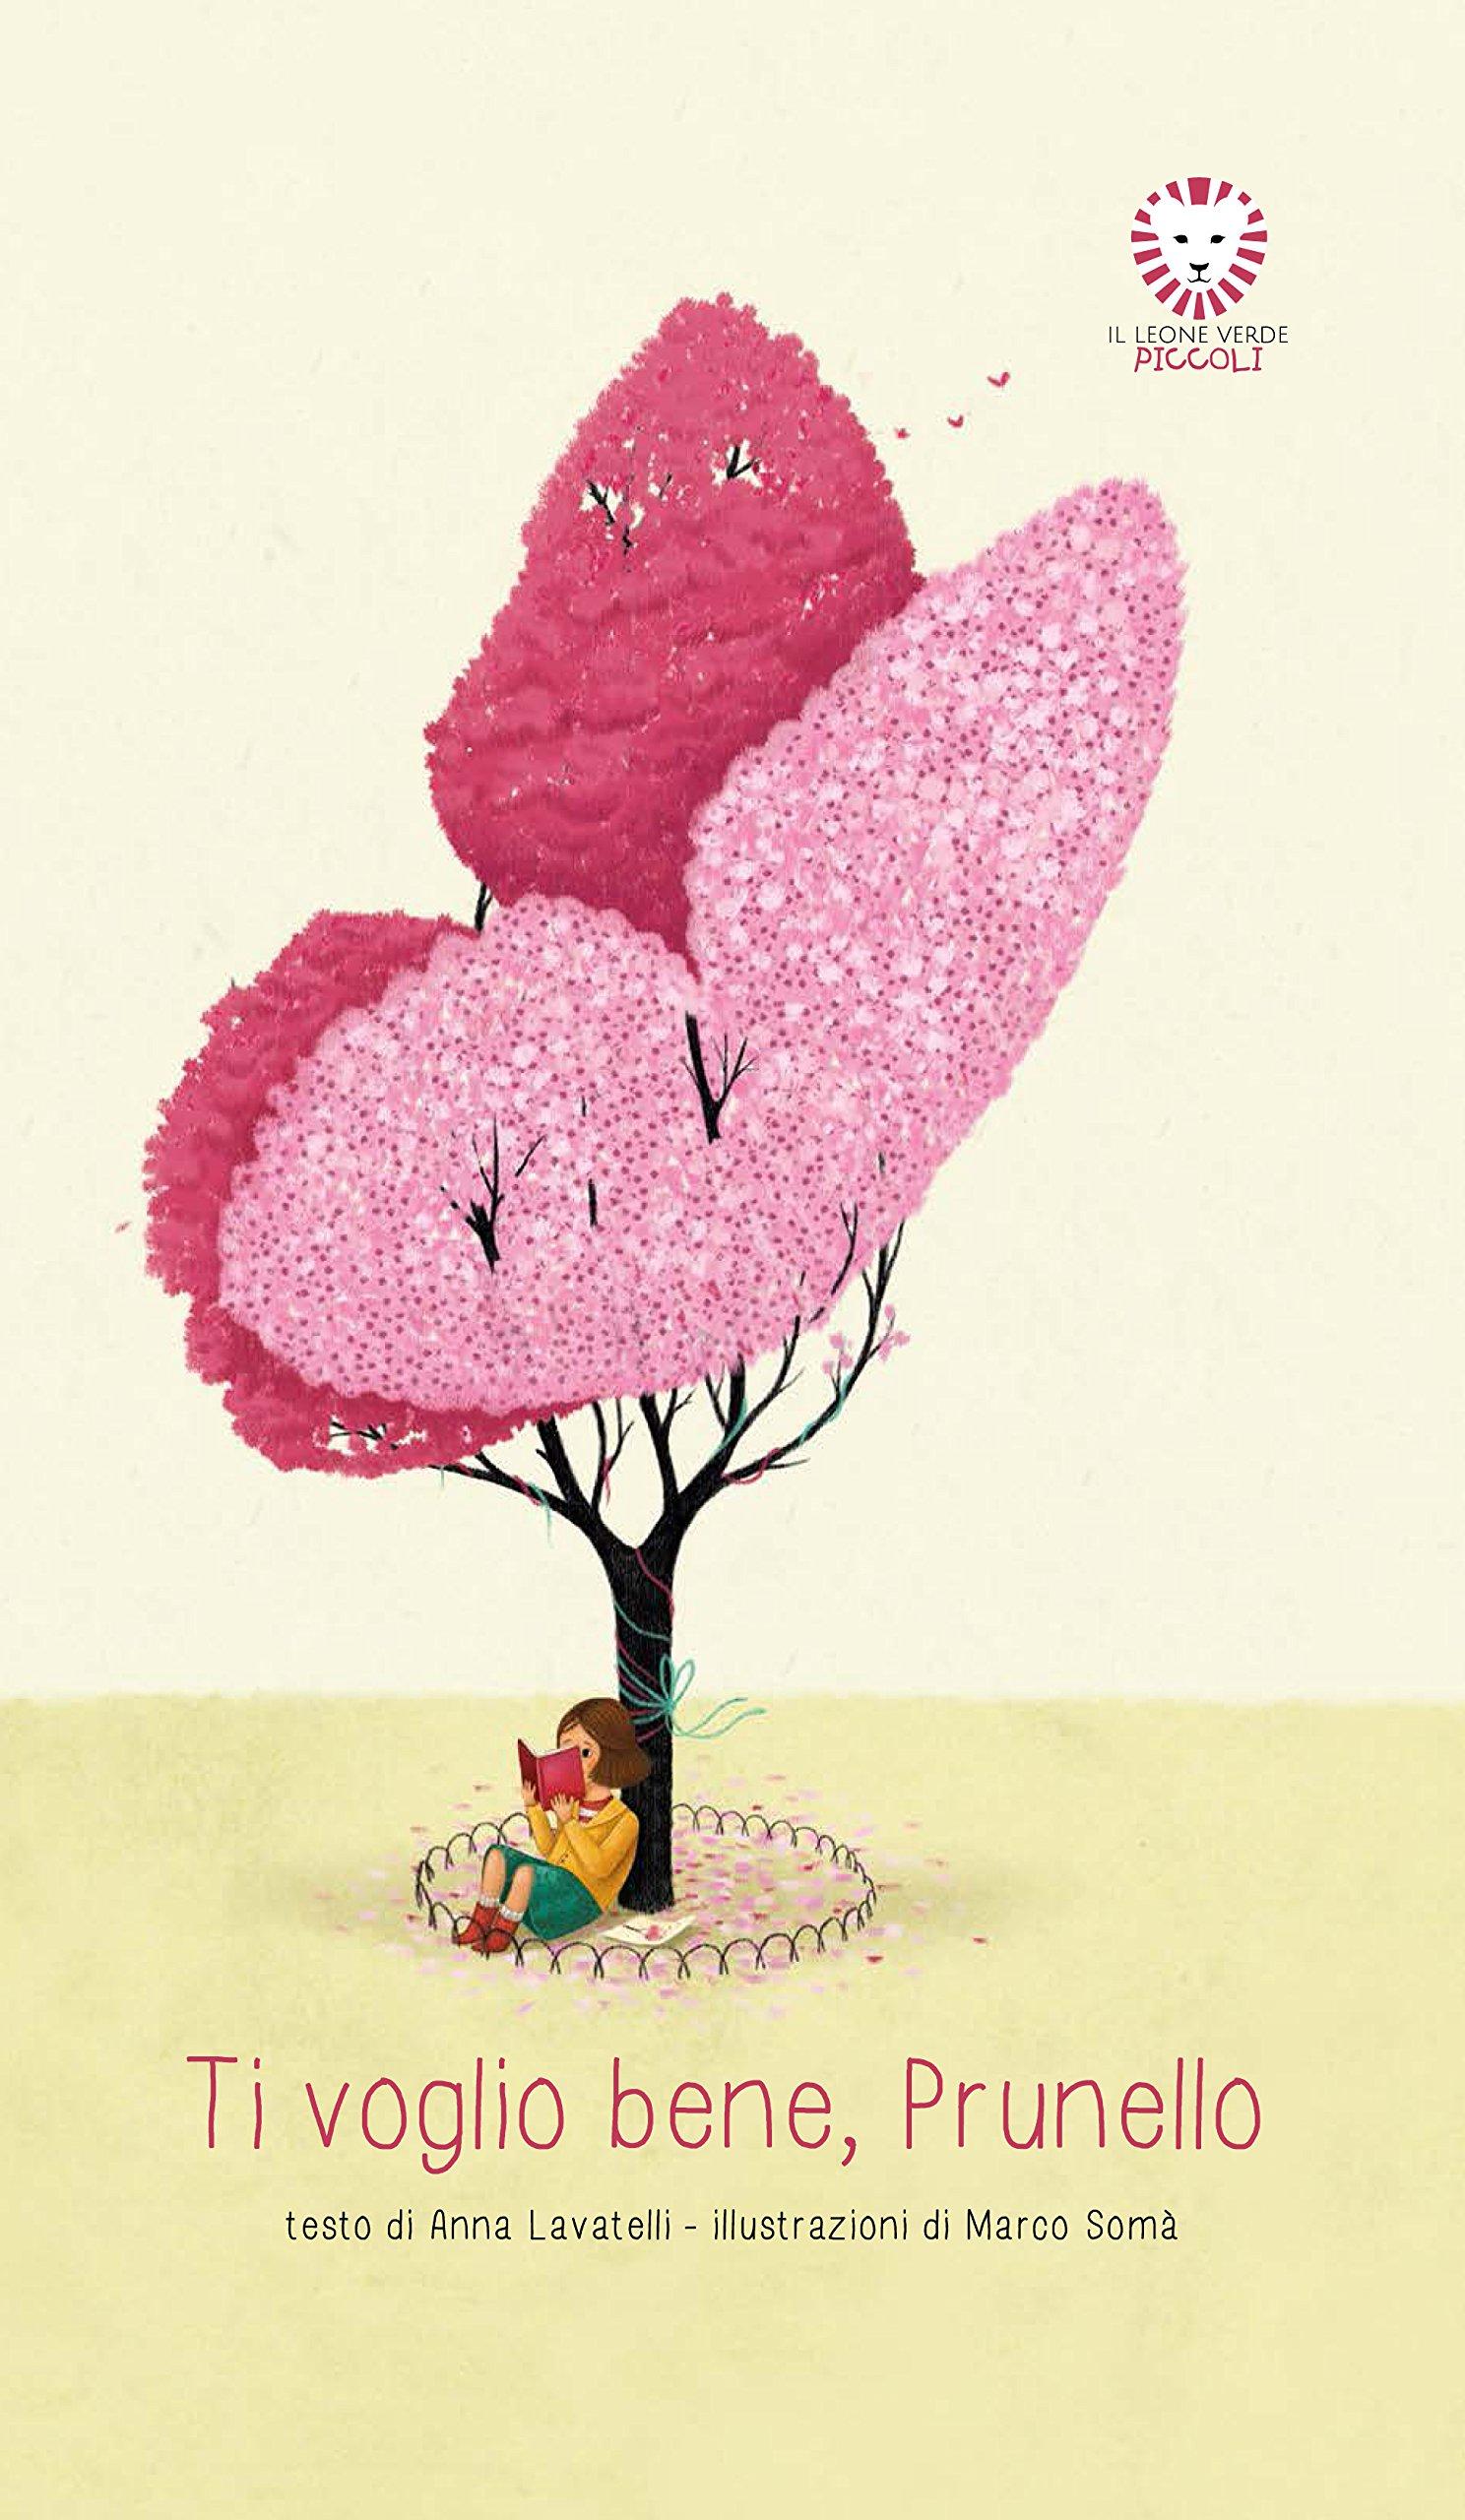 Innamorarsi della bellezza della natura, amarla e desiderare di proteggerla è un sentimento profondo, che anche un bambino può vivere con pienezza. Salvare un albero. Non uno qualsiasi, ma quel pruno sul viale davanti a casa. In primavera un pruno, con la sua splendida corolla di fiori, conquista la piccola Agata, che continuerà a volergli bene in tutte le stagioni. E quando un pericolo minaccerà il suo amico albero, lei saprà salvarlo con uno slancio d'amore meraviglioso ed esemplare.  Età di lettura: da 5 anni.